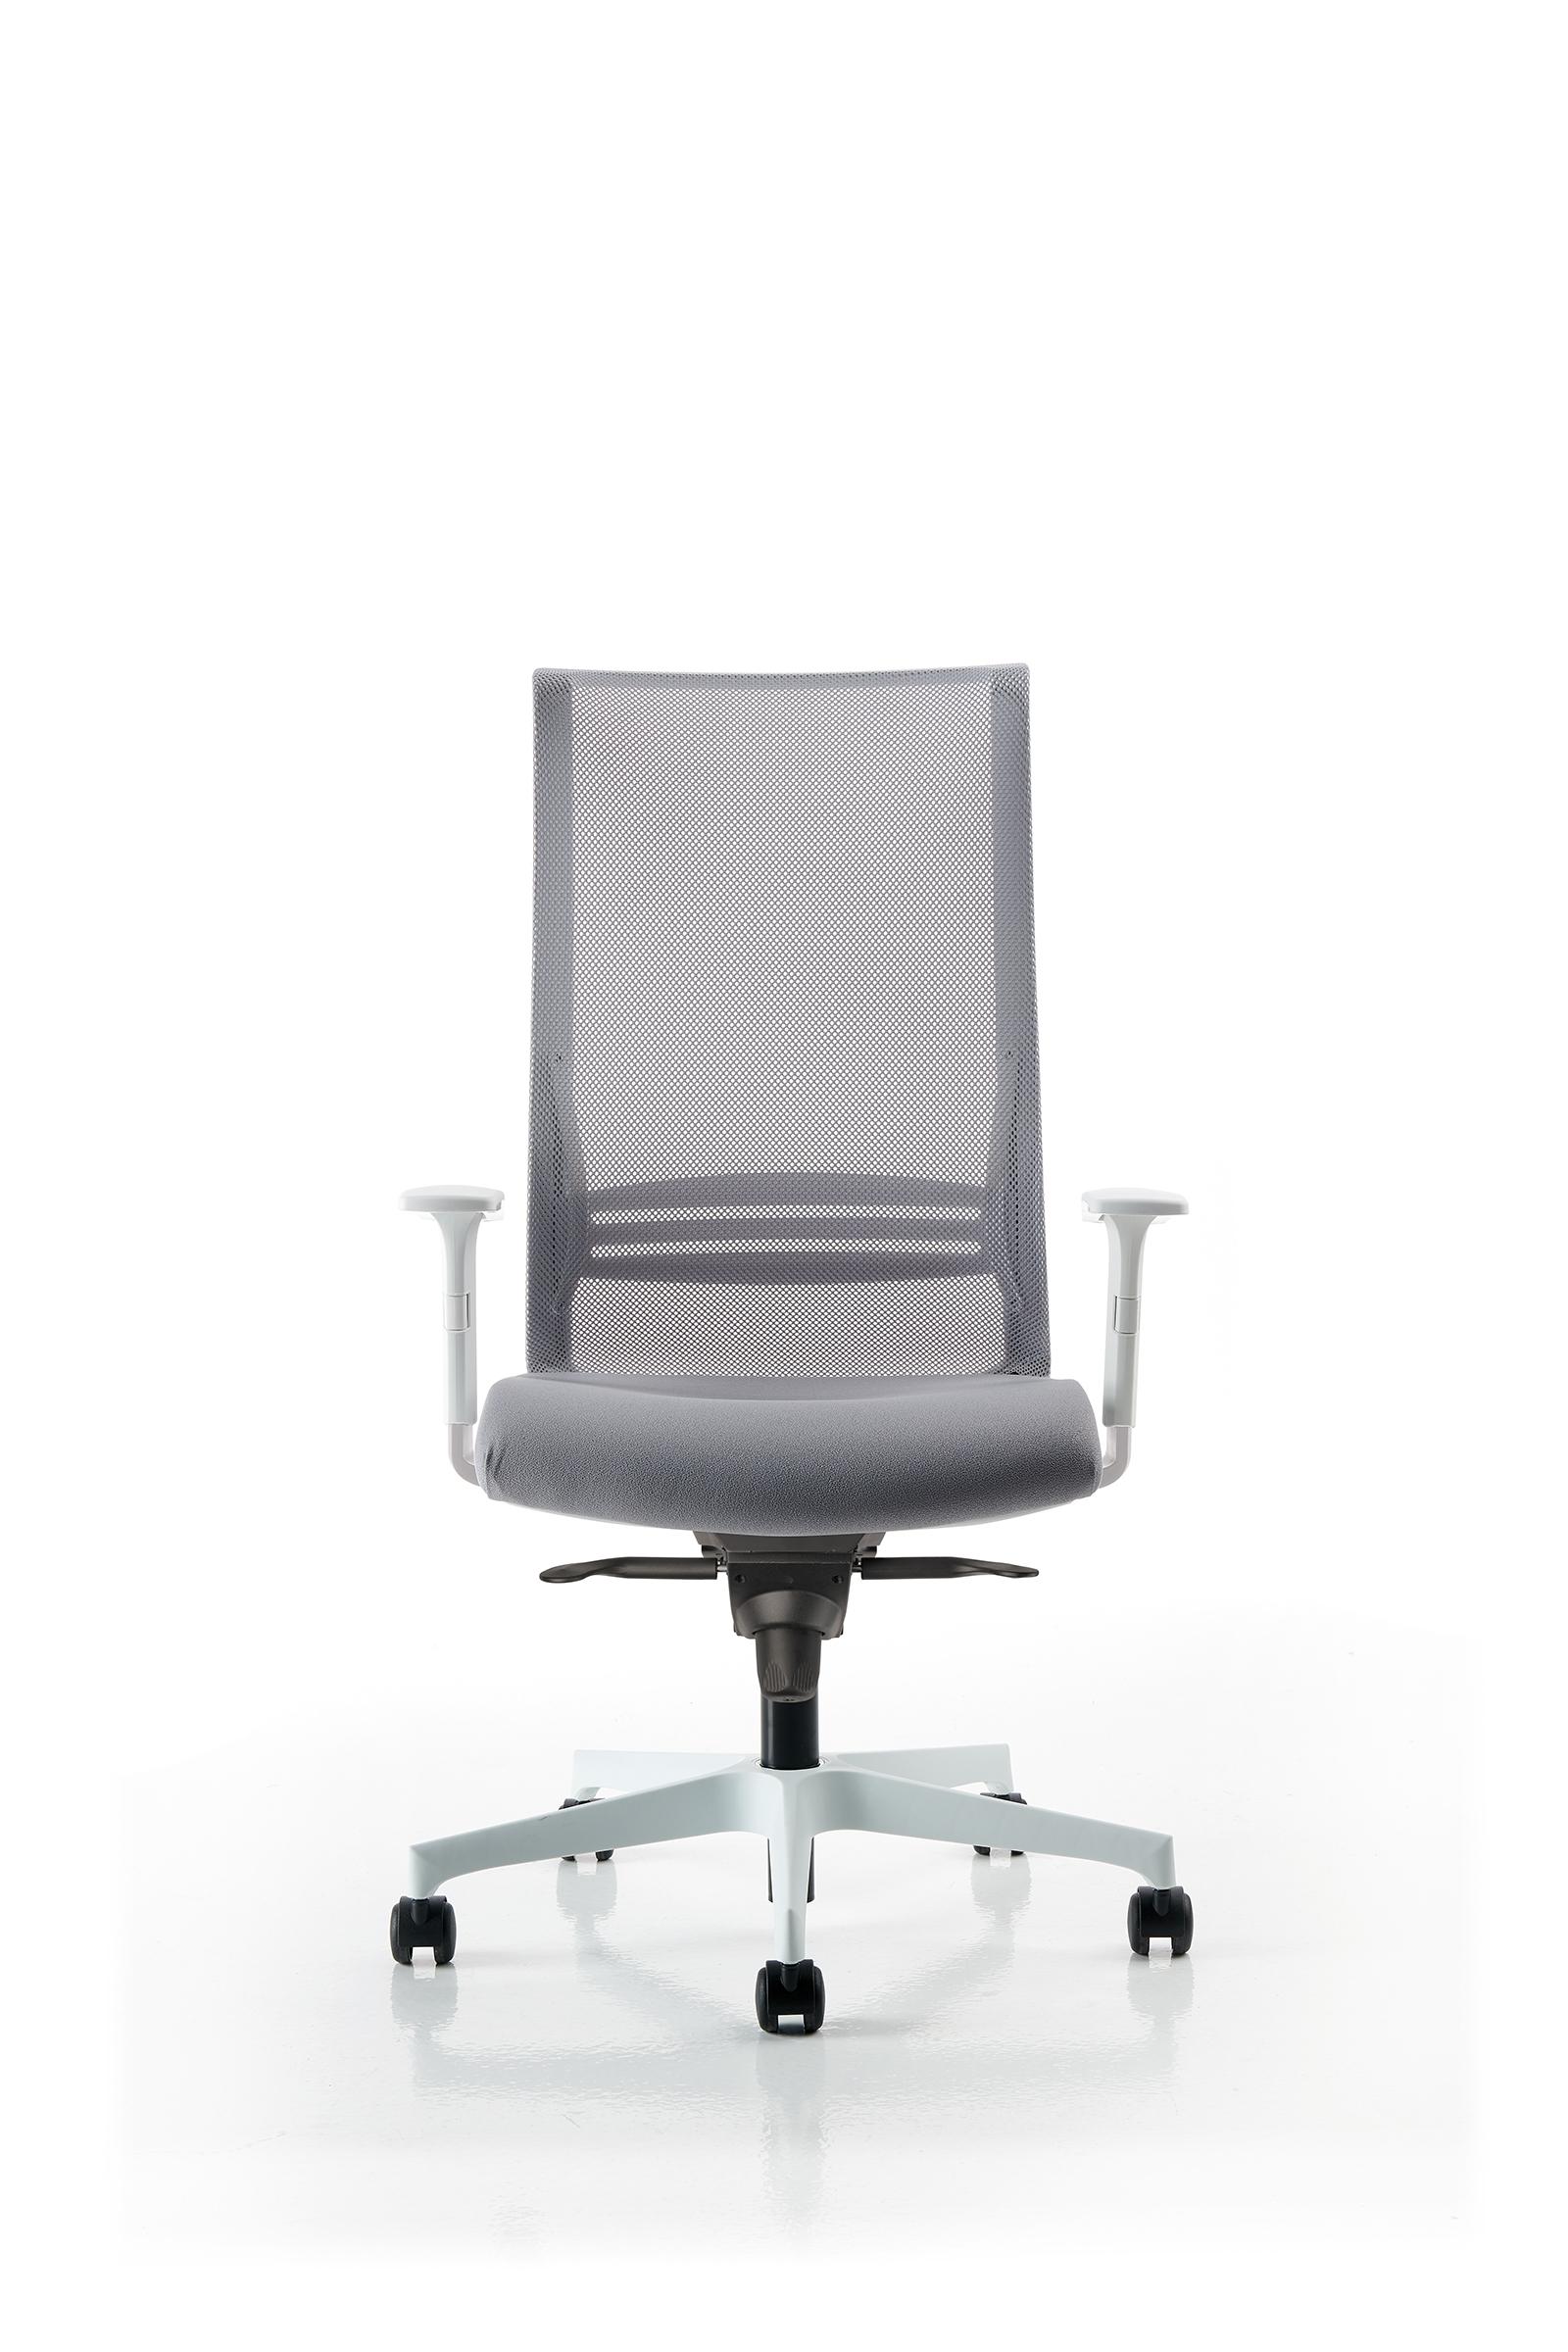 scaune produse in Romania